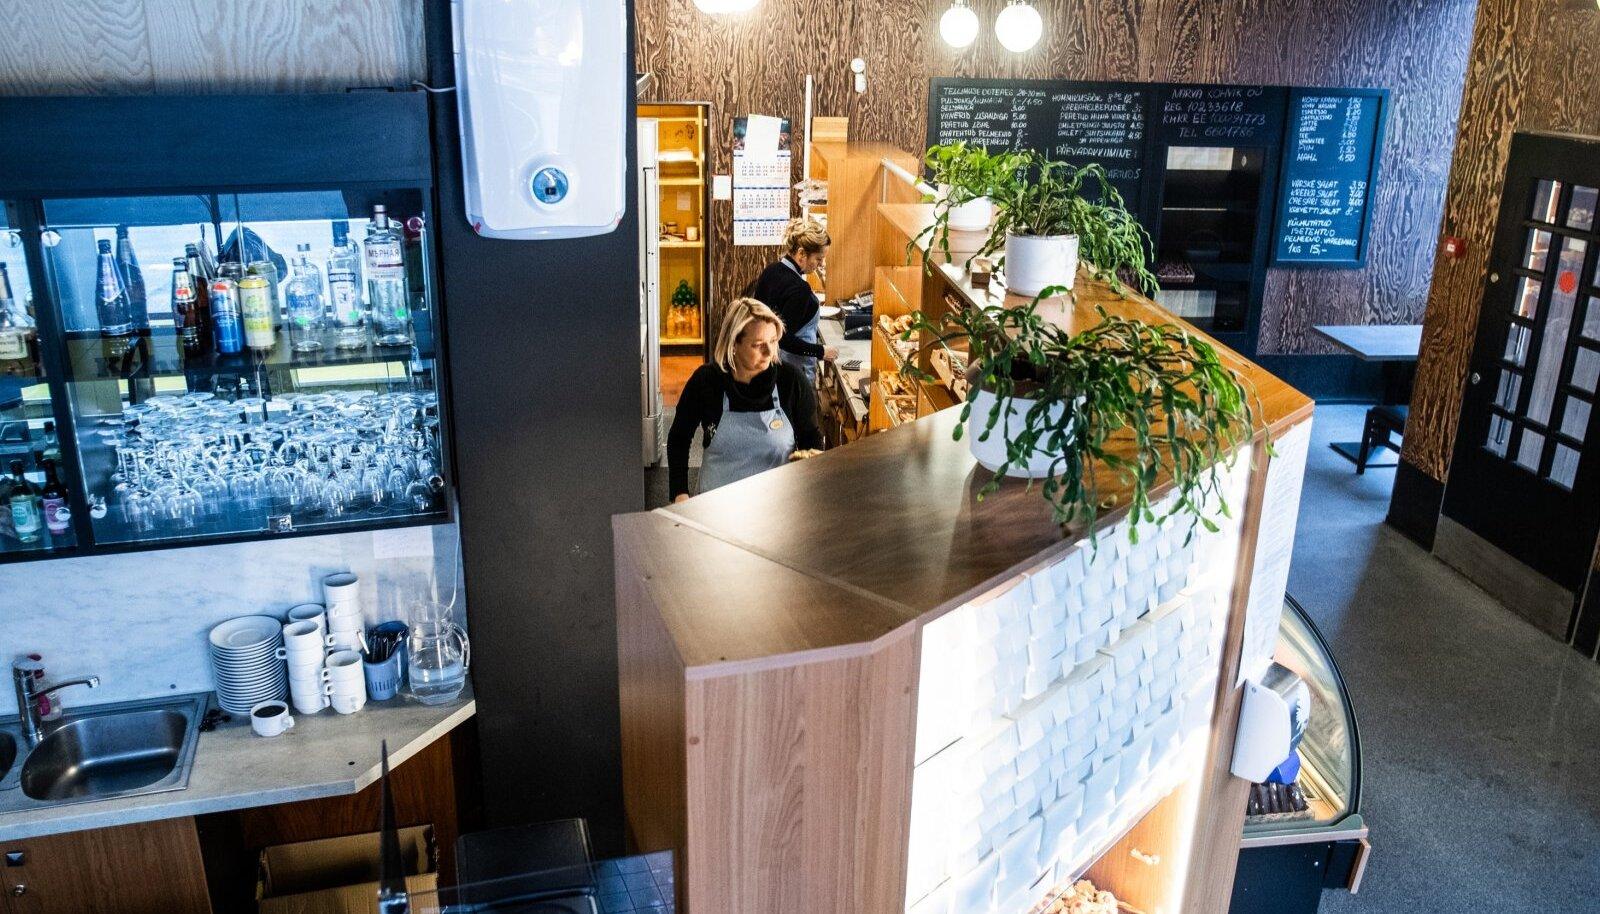 Kohvikut on aastate jooksul värskendatud, kuid suuri muudatusi ei ole taotluslikult tehtud. Ka koroonakevadel jõuti väike remont teha.